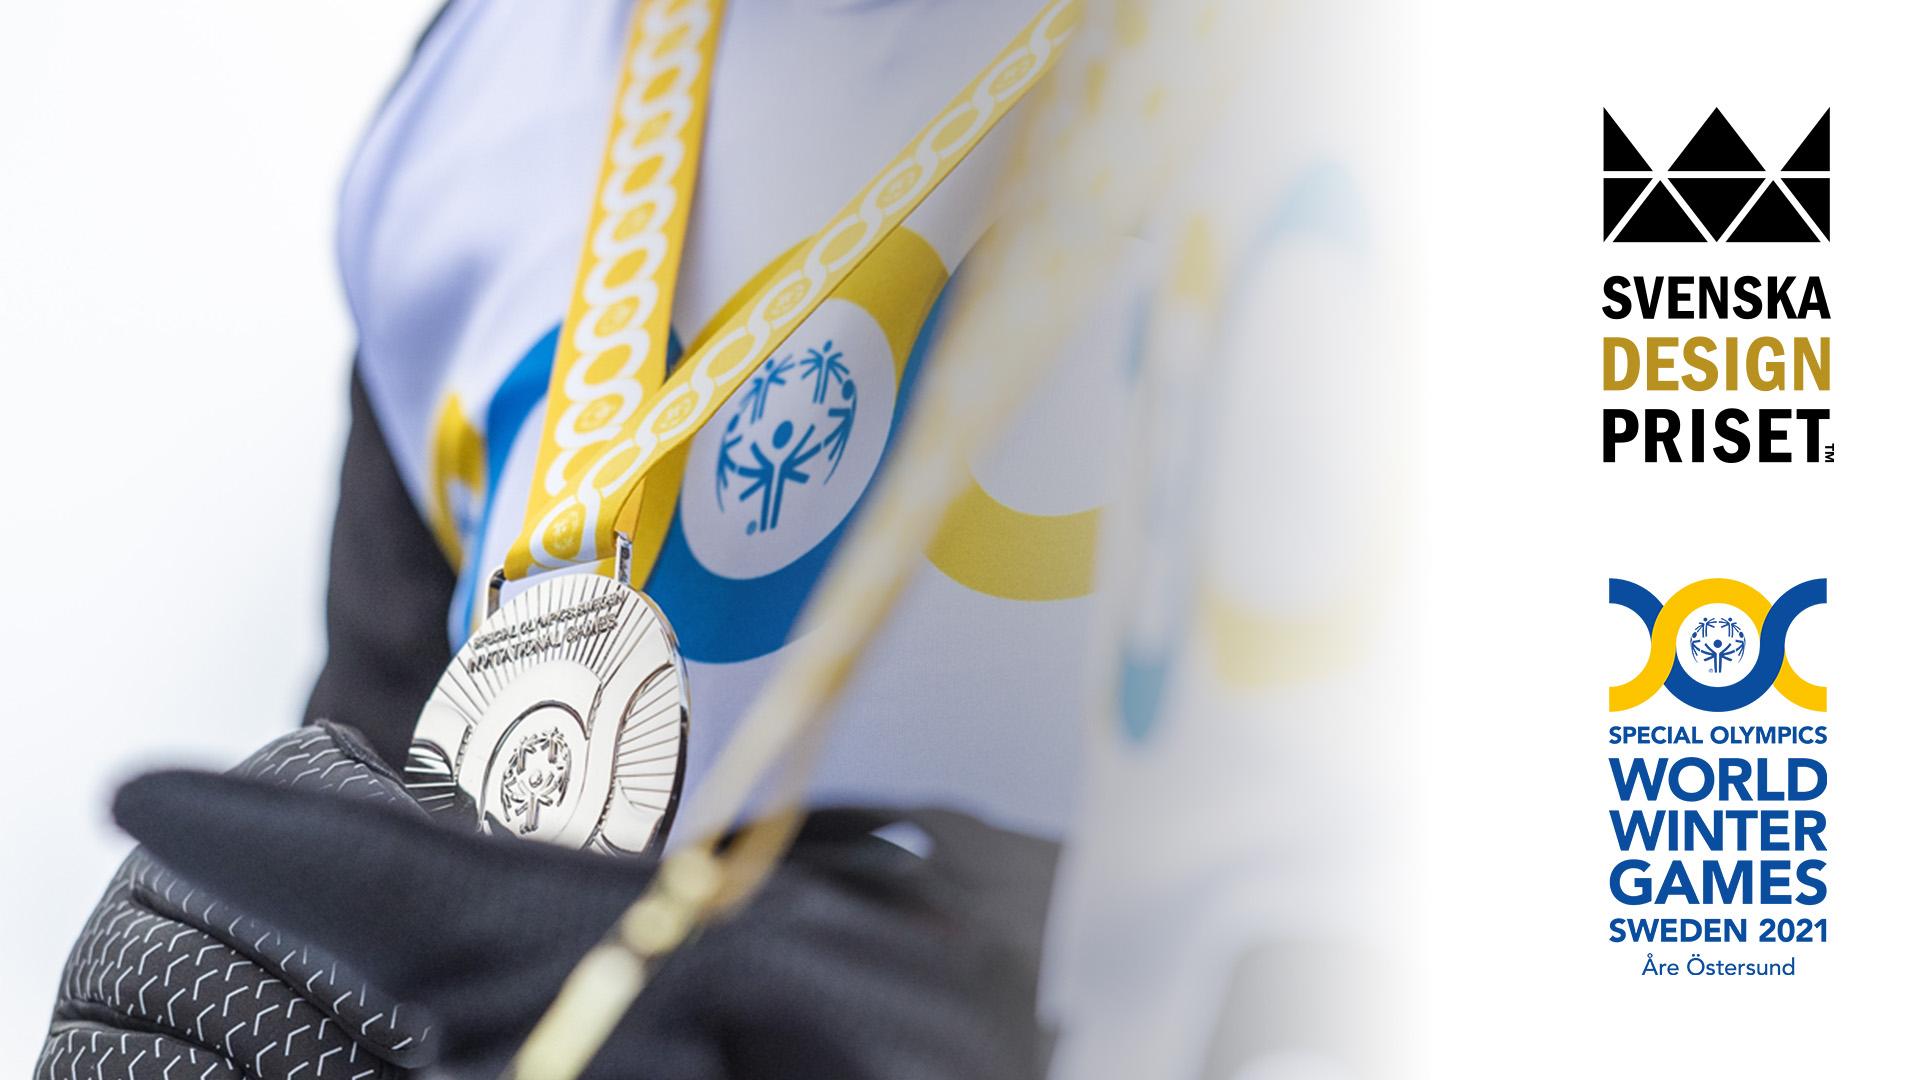 Special Olympics World Winter Games Sweden 2021 nominerat till Svenskan Designpriset.